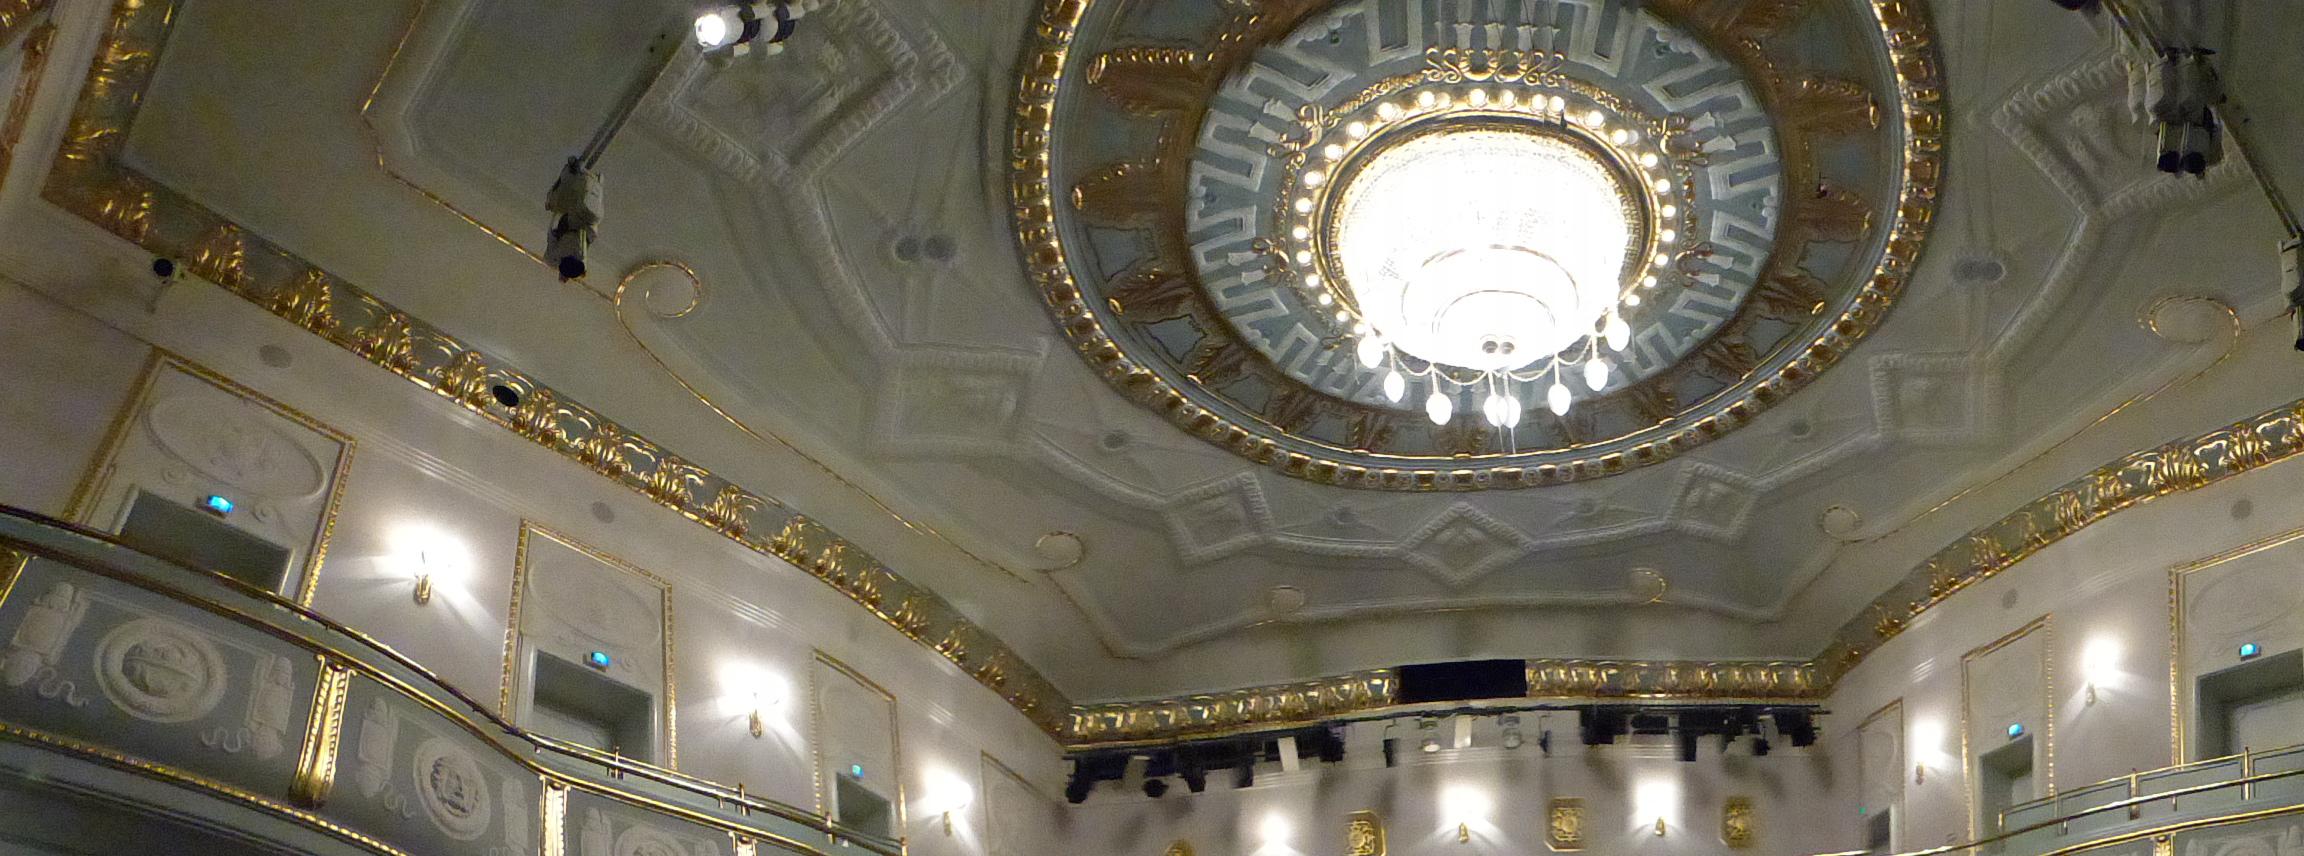 Blick in das König Albert Theater von Bad Elster, Foto: D.Weirauch